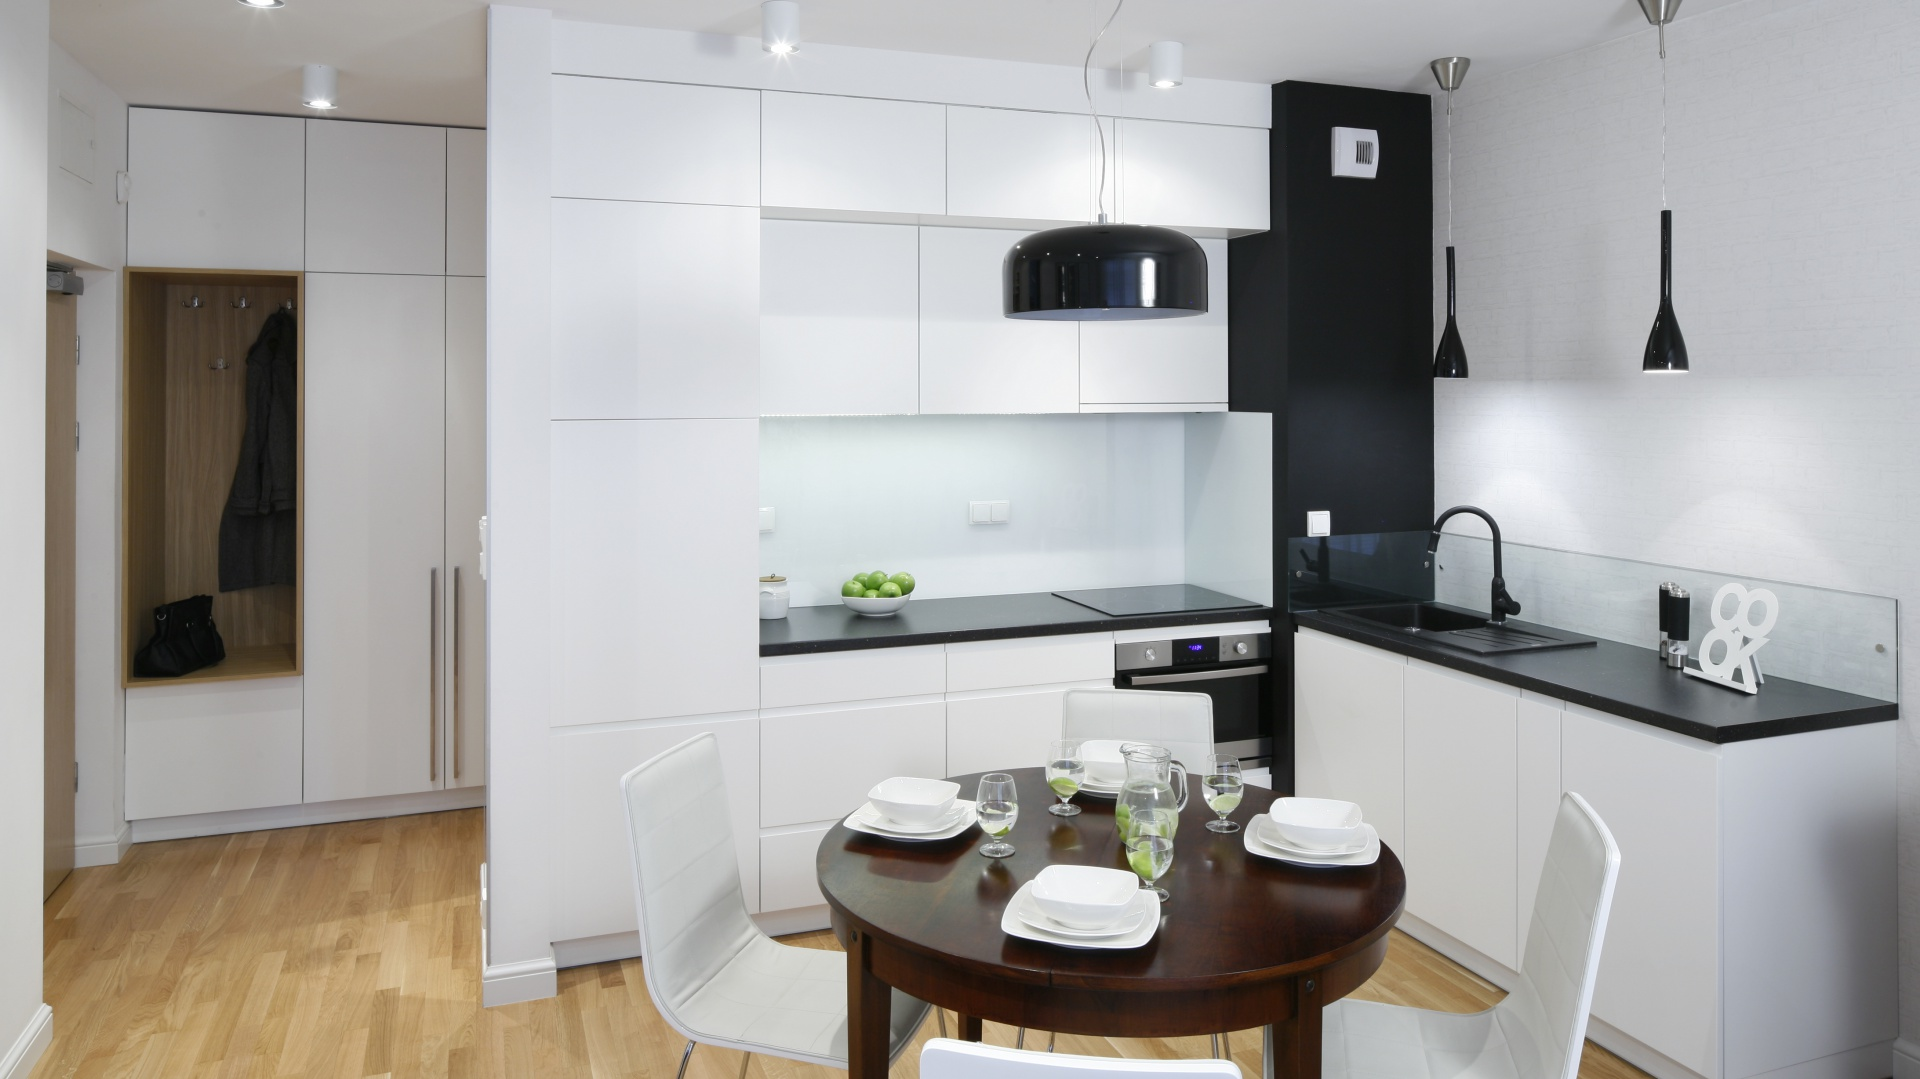 Wysoka, biała zabudowa Mała kuchnia w czerni i bieli   -> Kuchnia W Bloku W Bieli